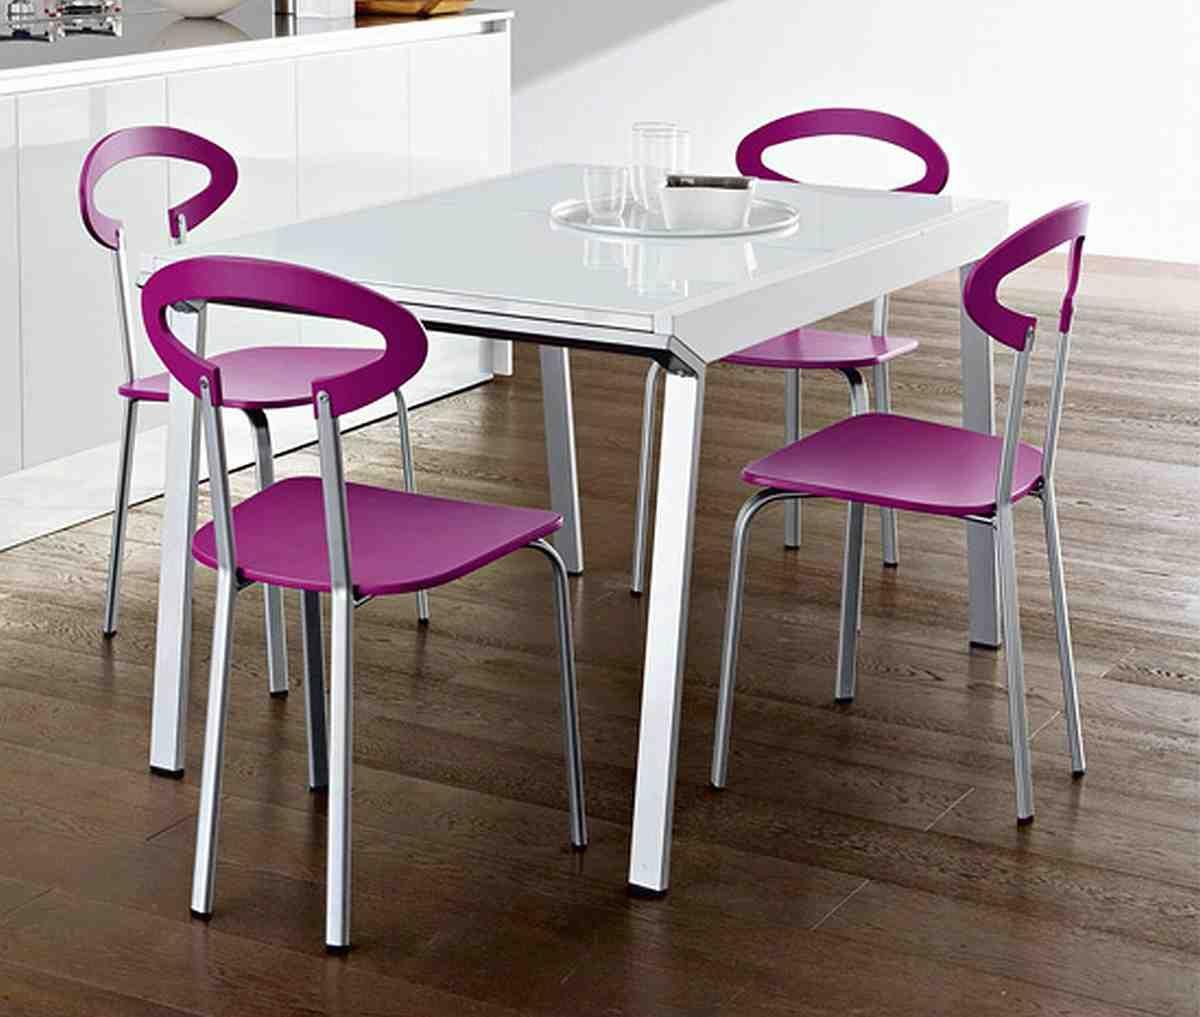 kitchen chairs with wheels Designer Kitchen Chairs